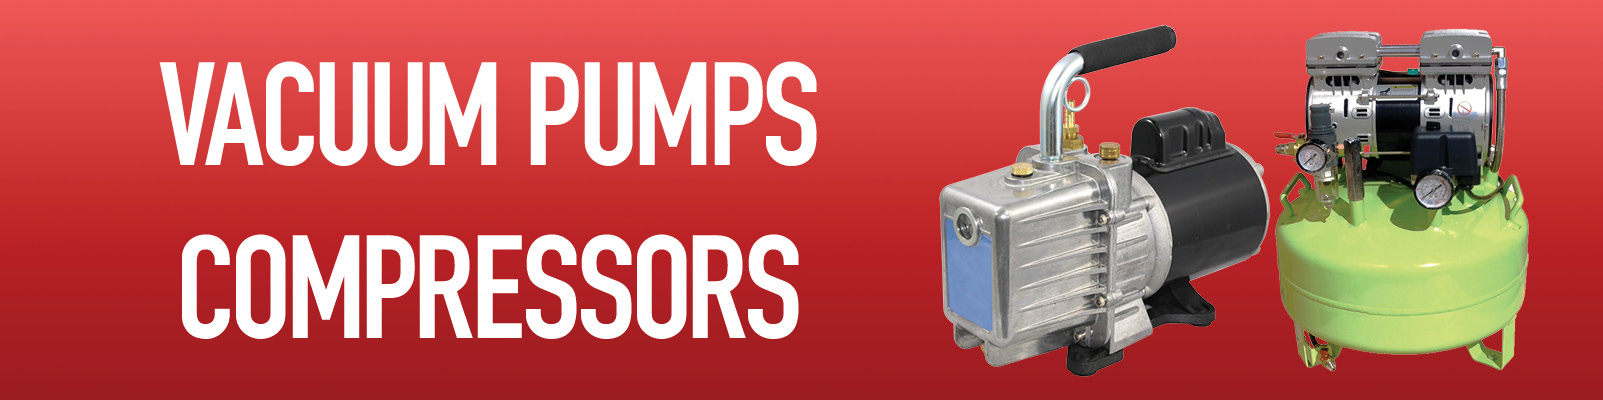 Vacuum Pumps & Compressors